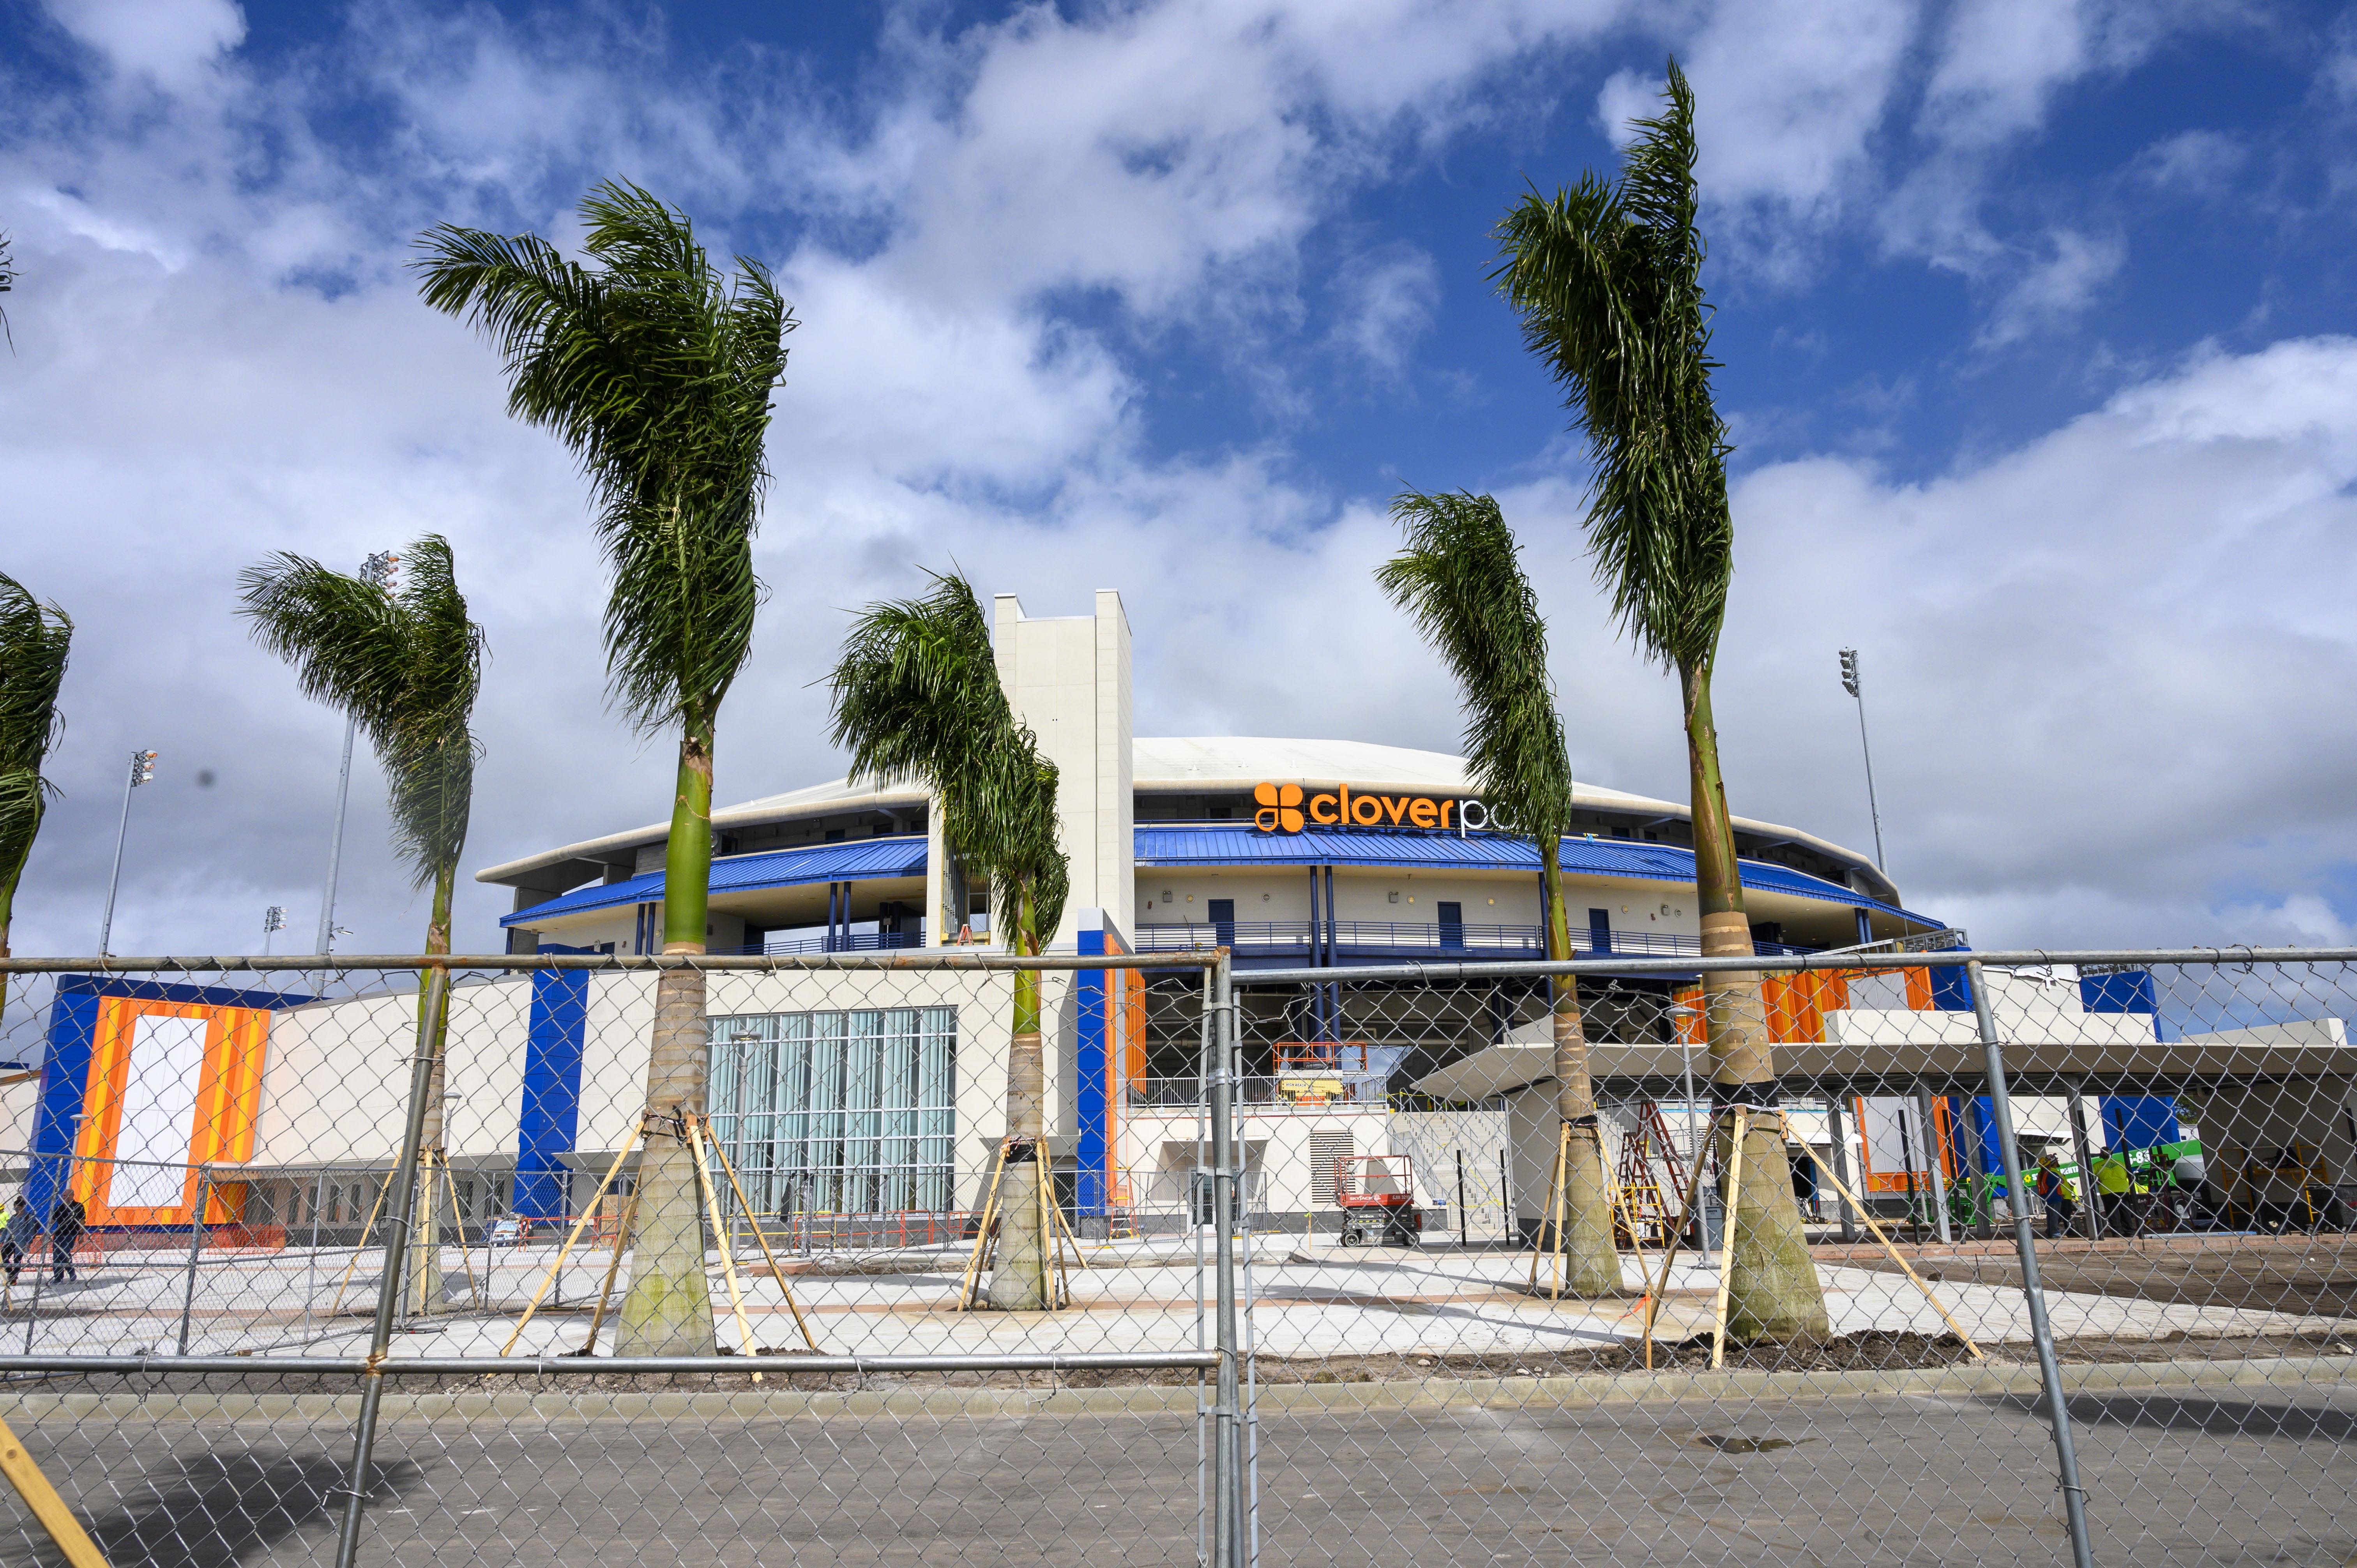 Construction scene at Clover Park stadium in Florida, 2020